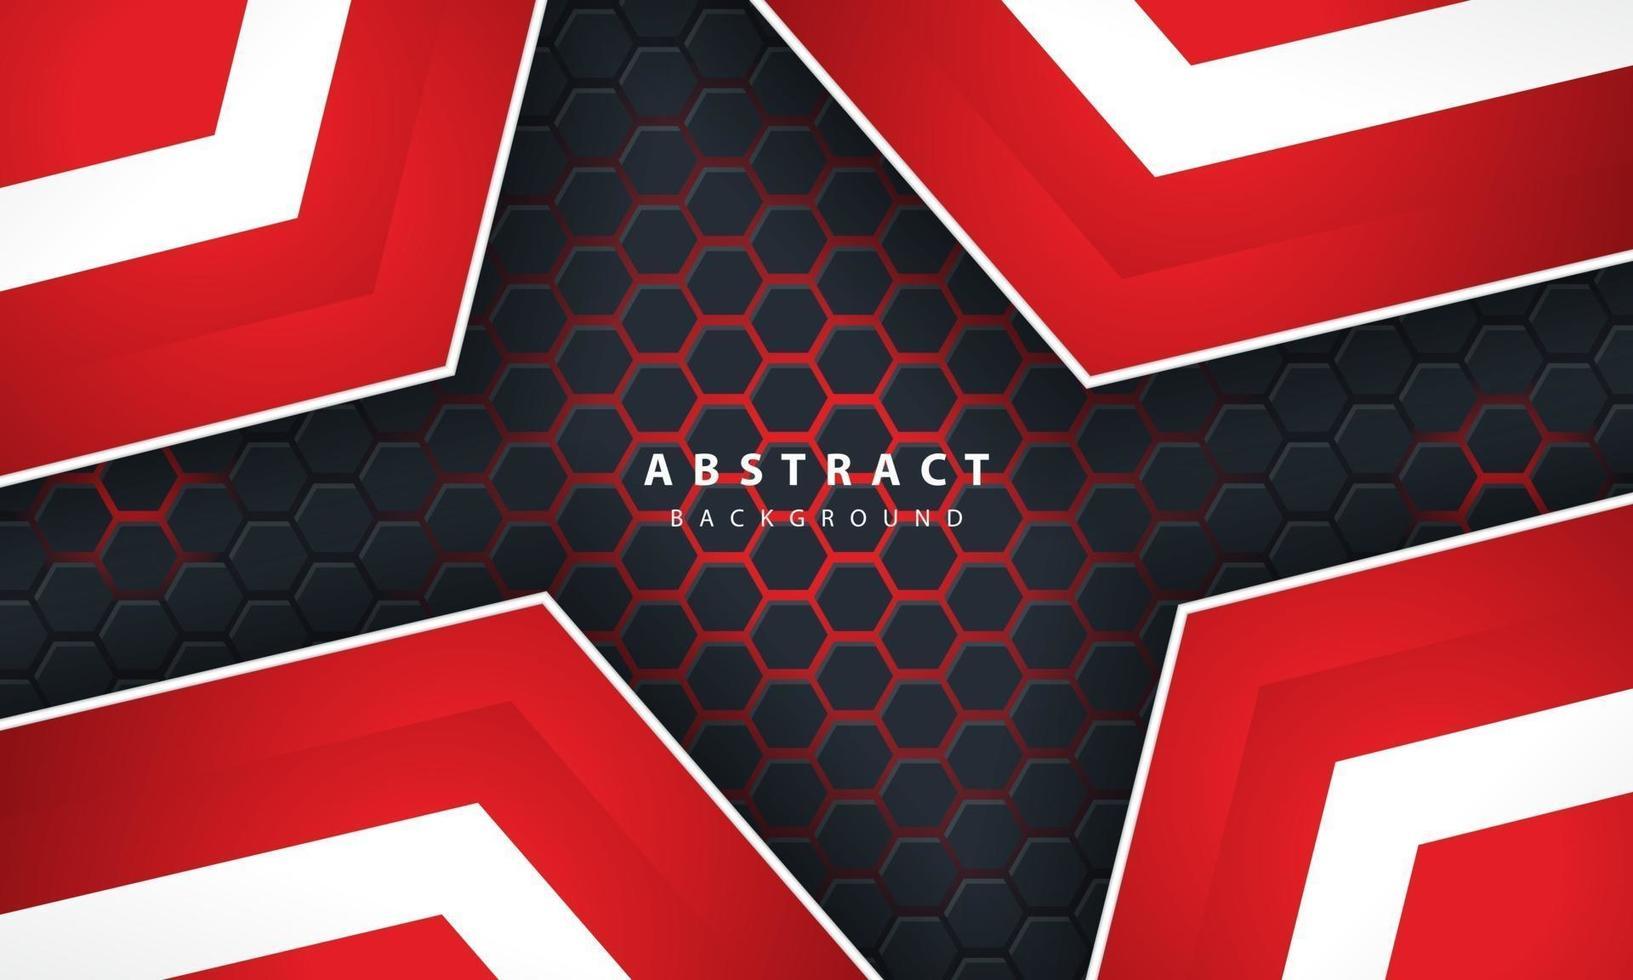 Sechseckiger Hintergrund des abstrakten roten Lichts 3d mit roten und weißen Rahmenformen. vektor